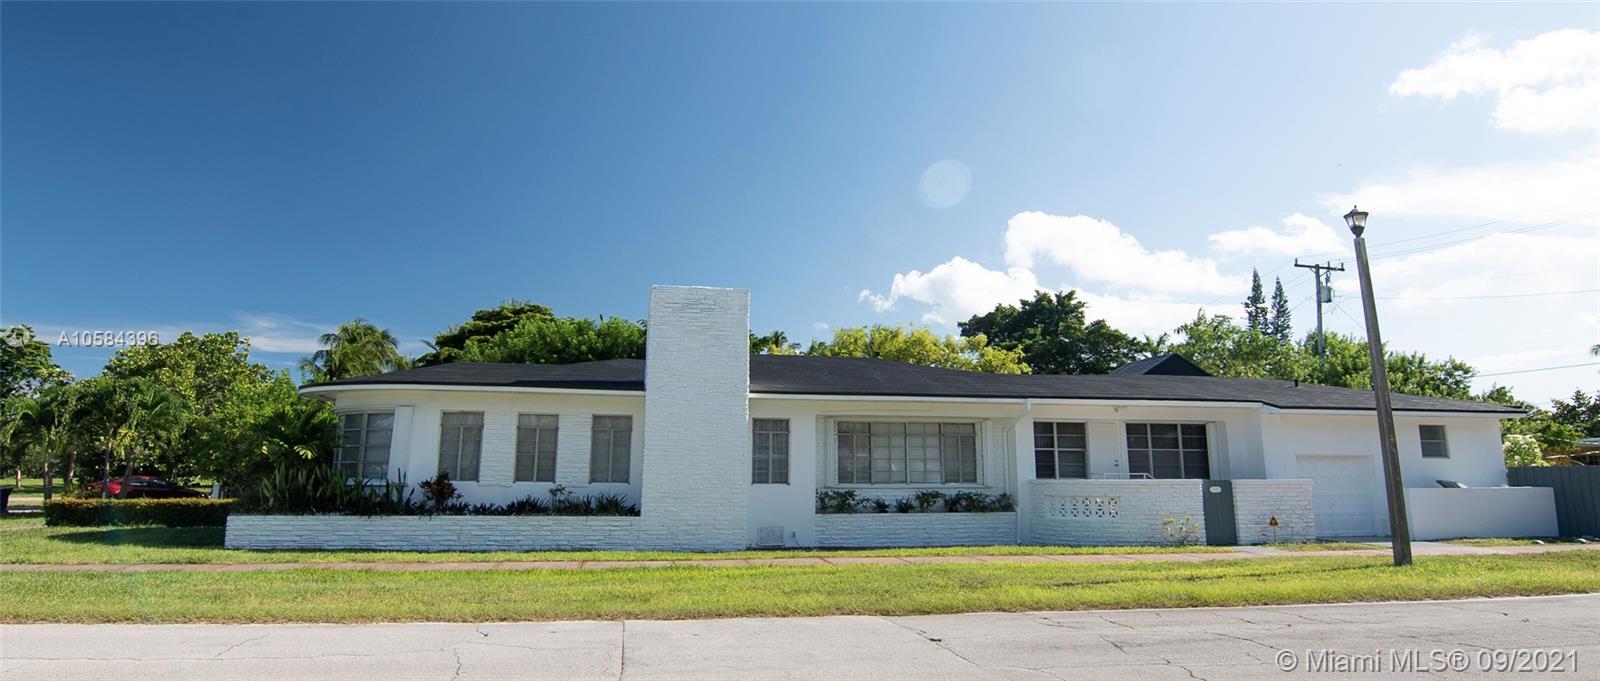 2502  Prairie Ave  For Sale A10584396, FL